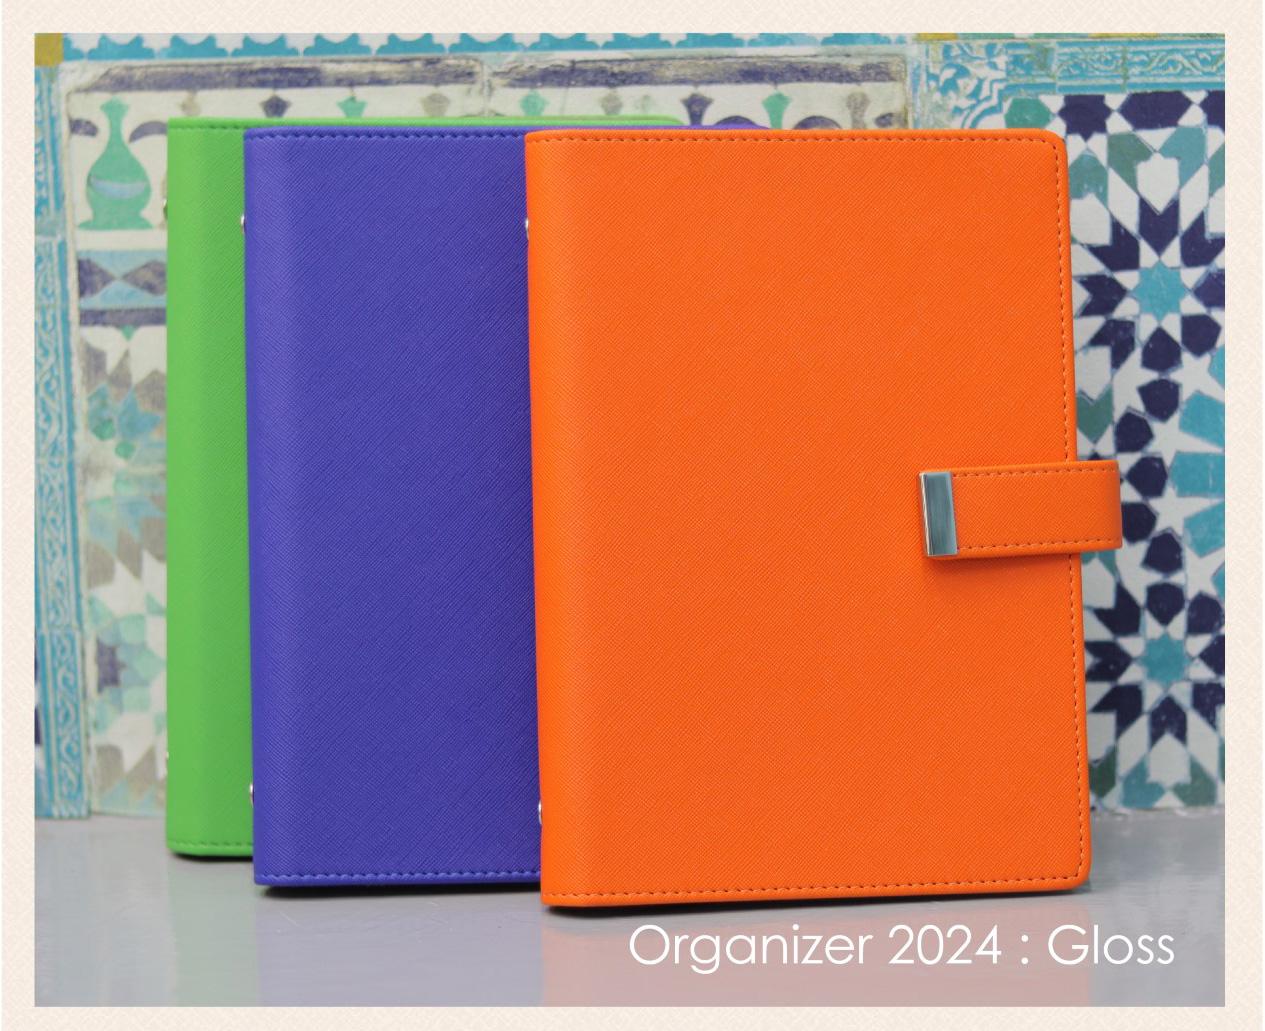 สมุดออร์กาไนเซอร์  Organizer  : OR 2024 Gloss